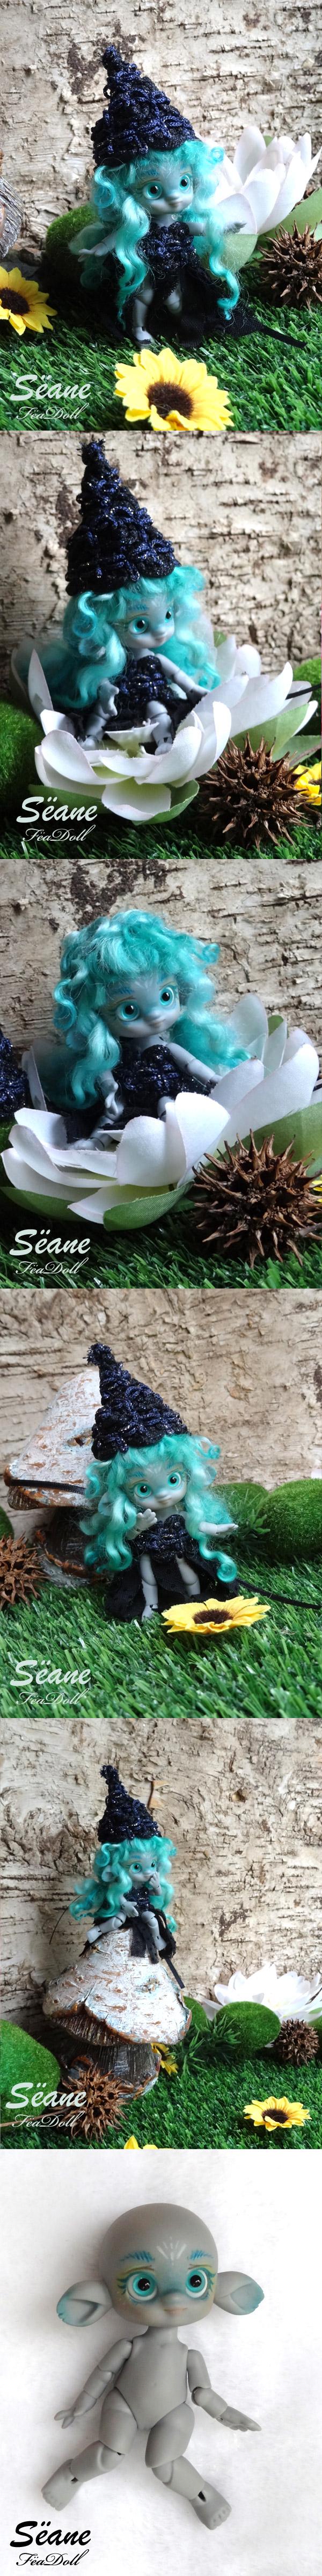 Sëane Green Skin Fullset  Little Zamarat